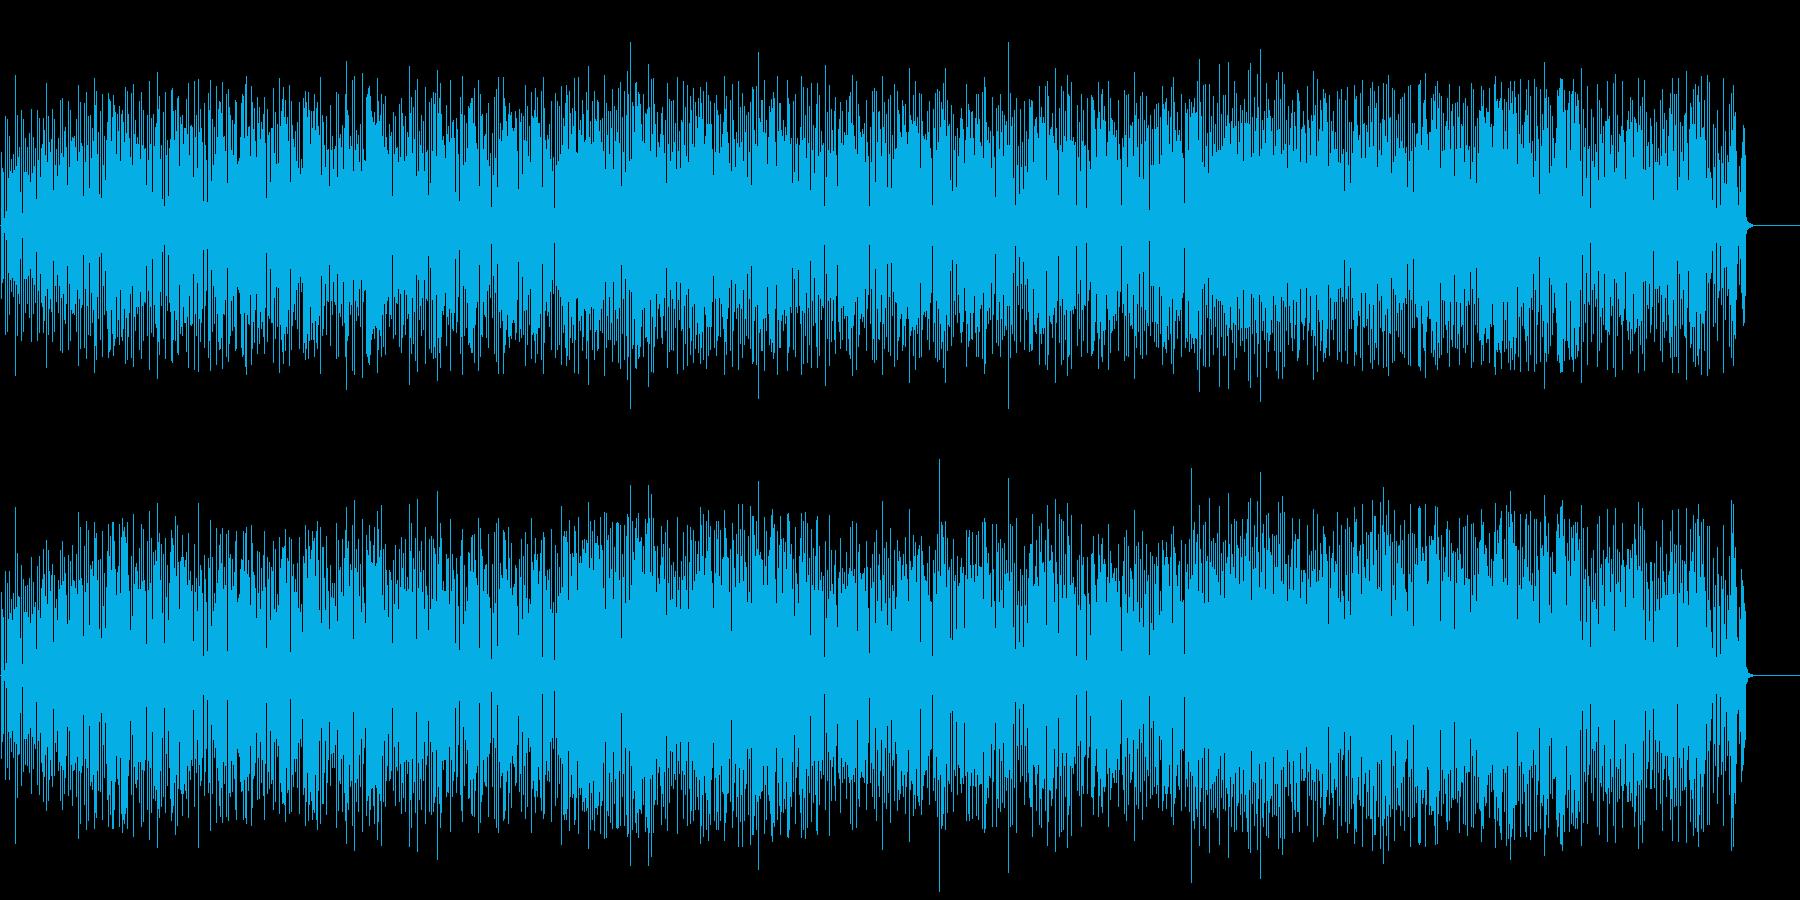 ワクワクするようなマンボ風ポップの再生済みの波形